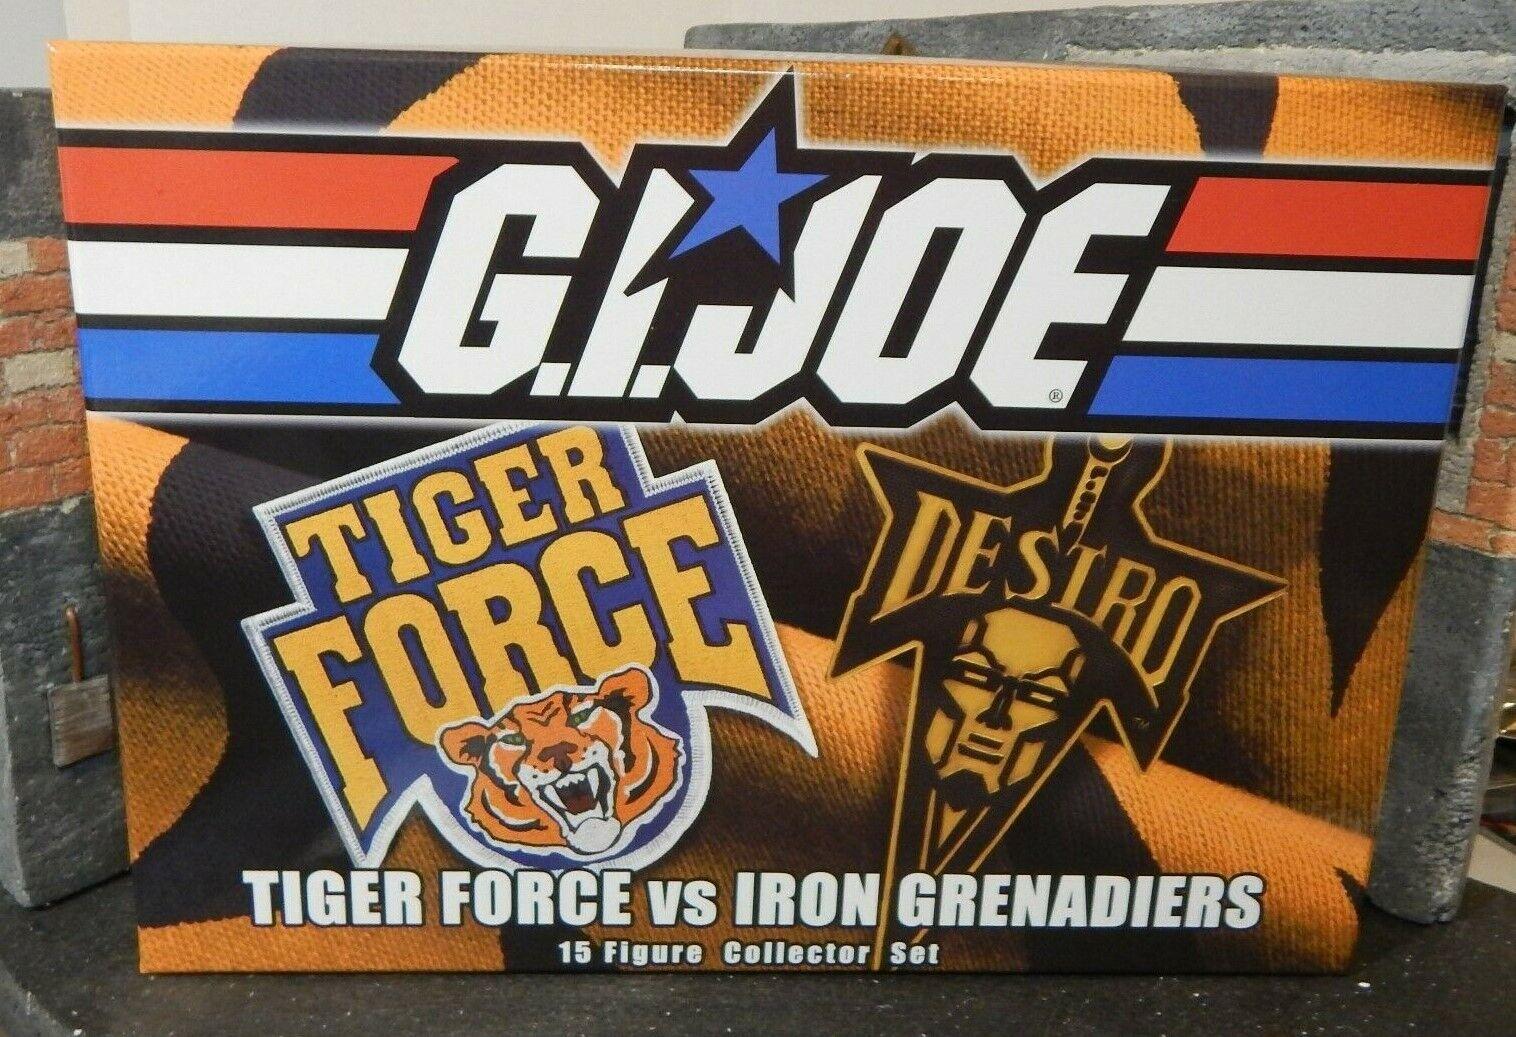 Gi Joe  2015 convención Caja  Tiger Force vs Hierro Granaderos  Joecon